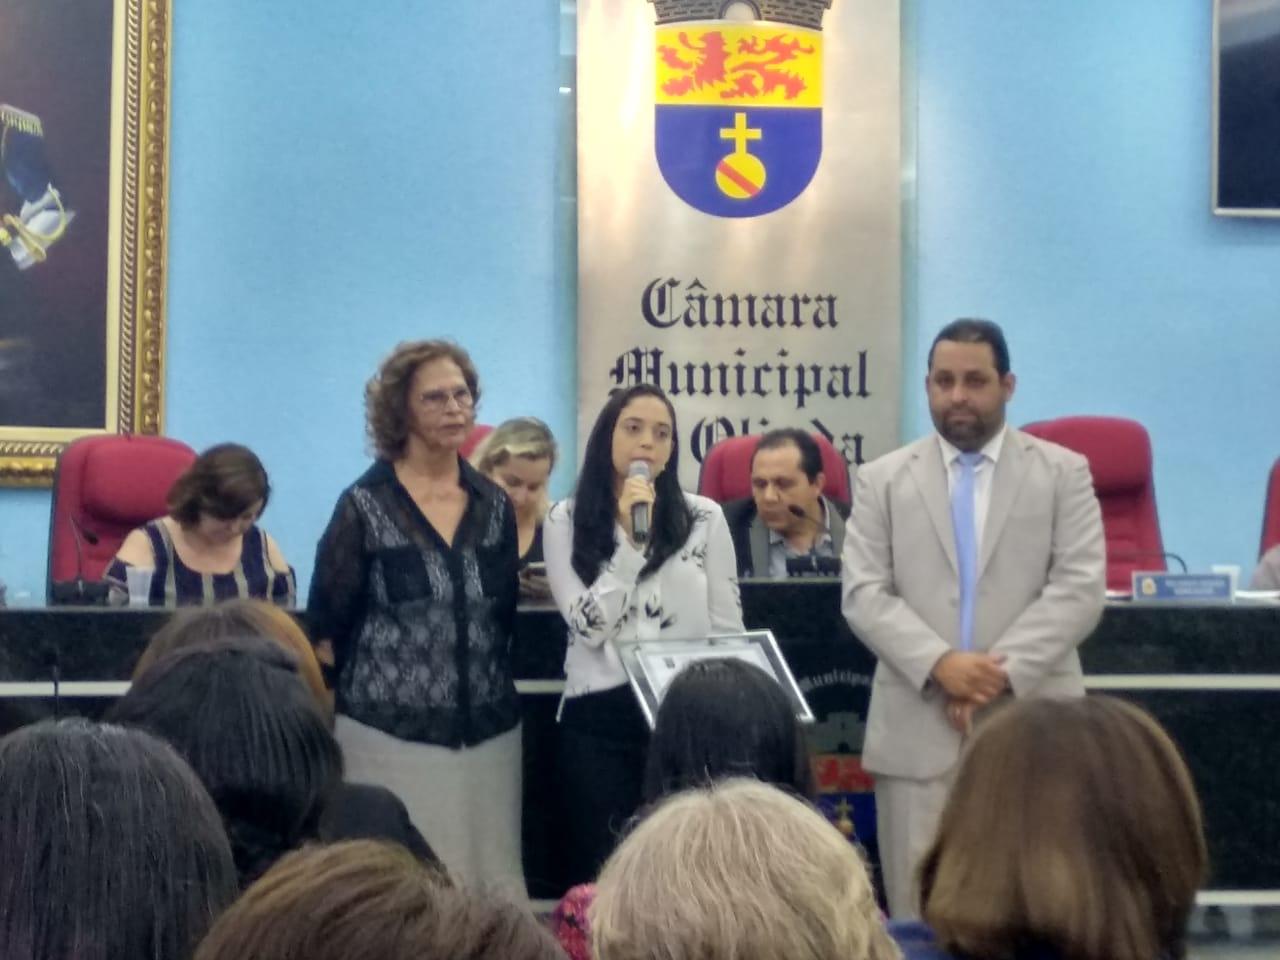 Profissionais do HTRI recebem homenagem da Câmara Municipal de Olinda